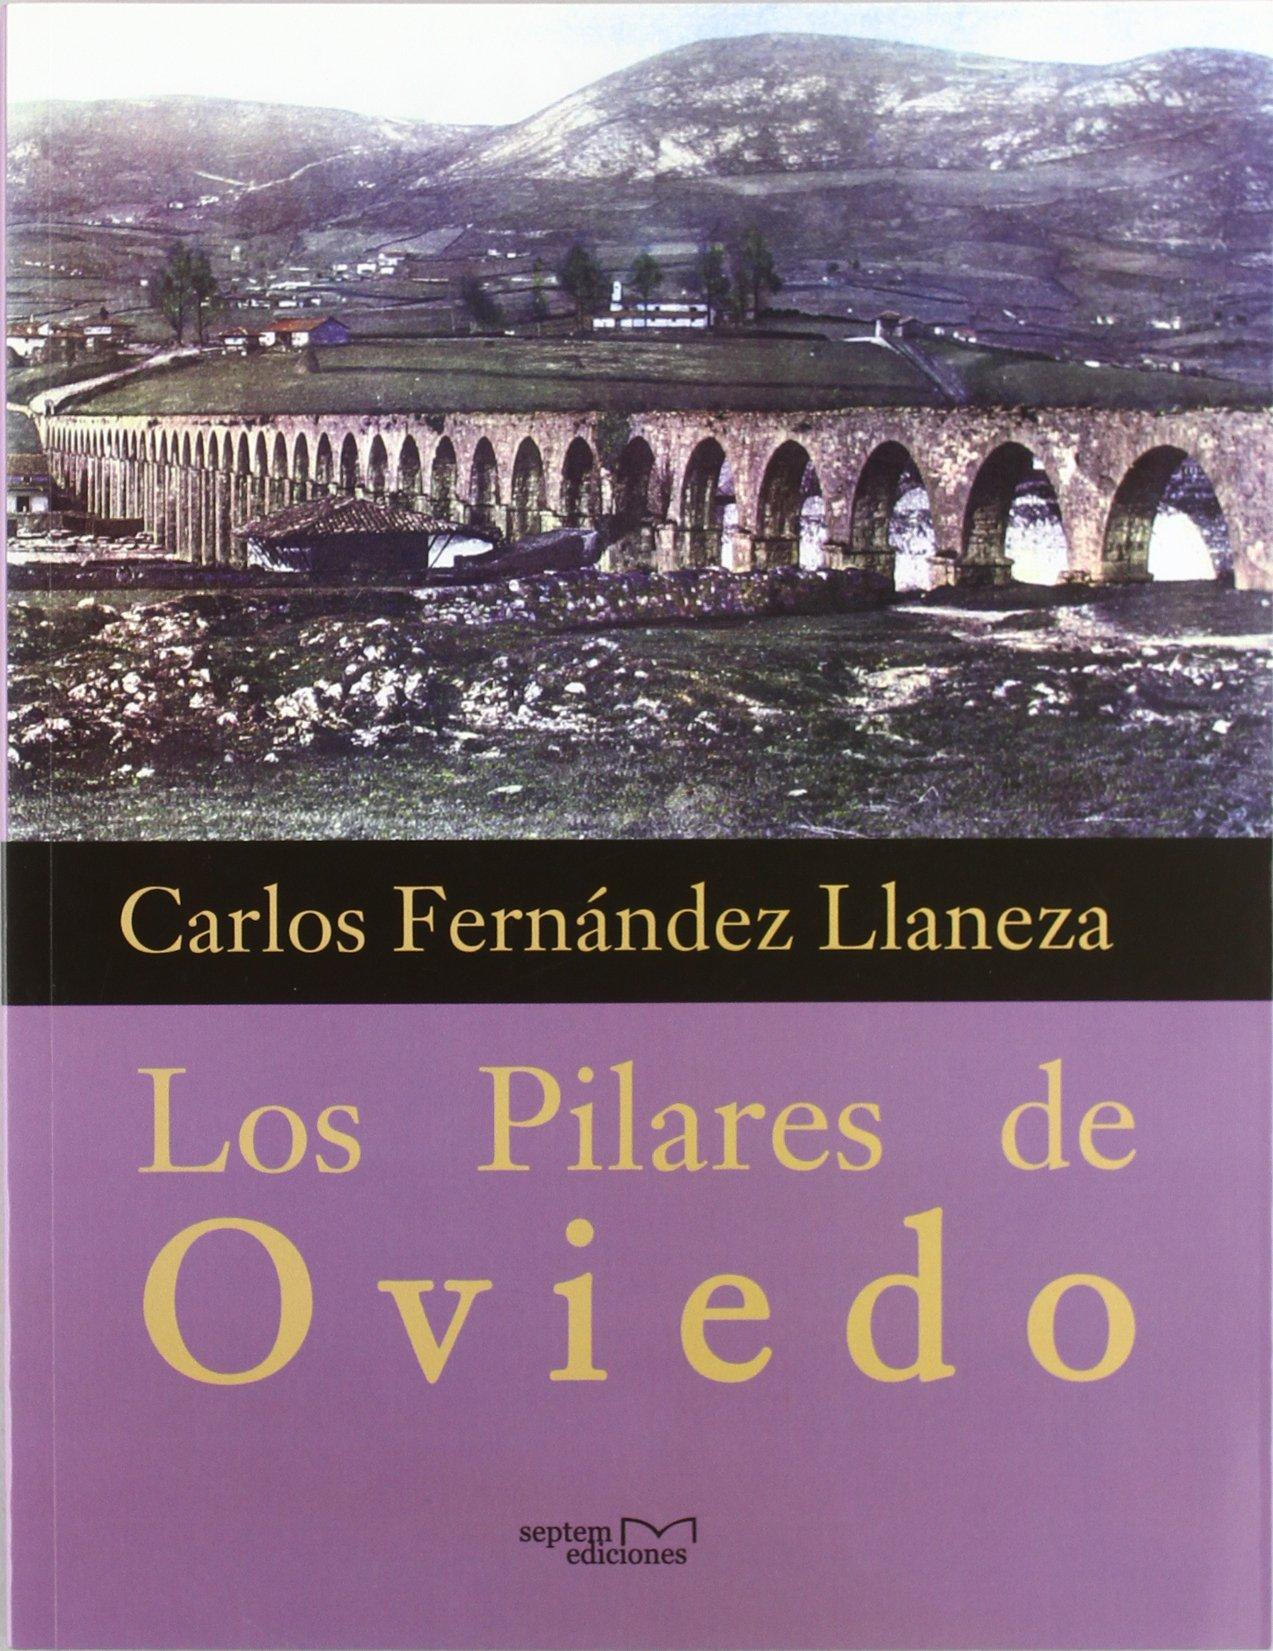 Los pilares de Oviedo: Amazon.es: Carlos Fernández Llaneza ...